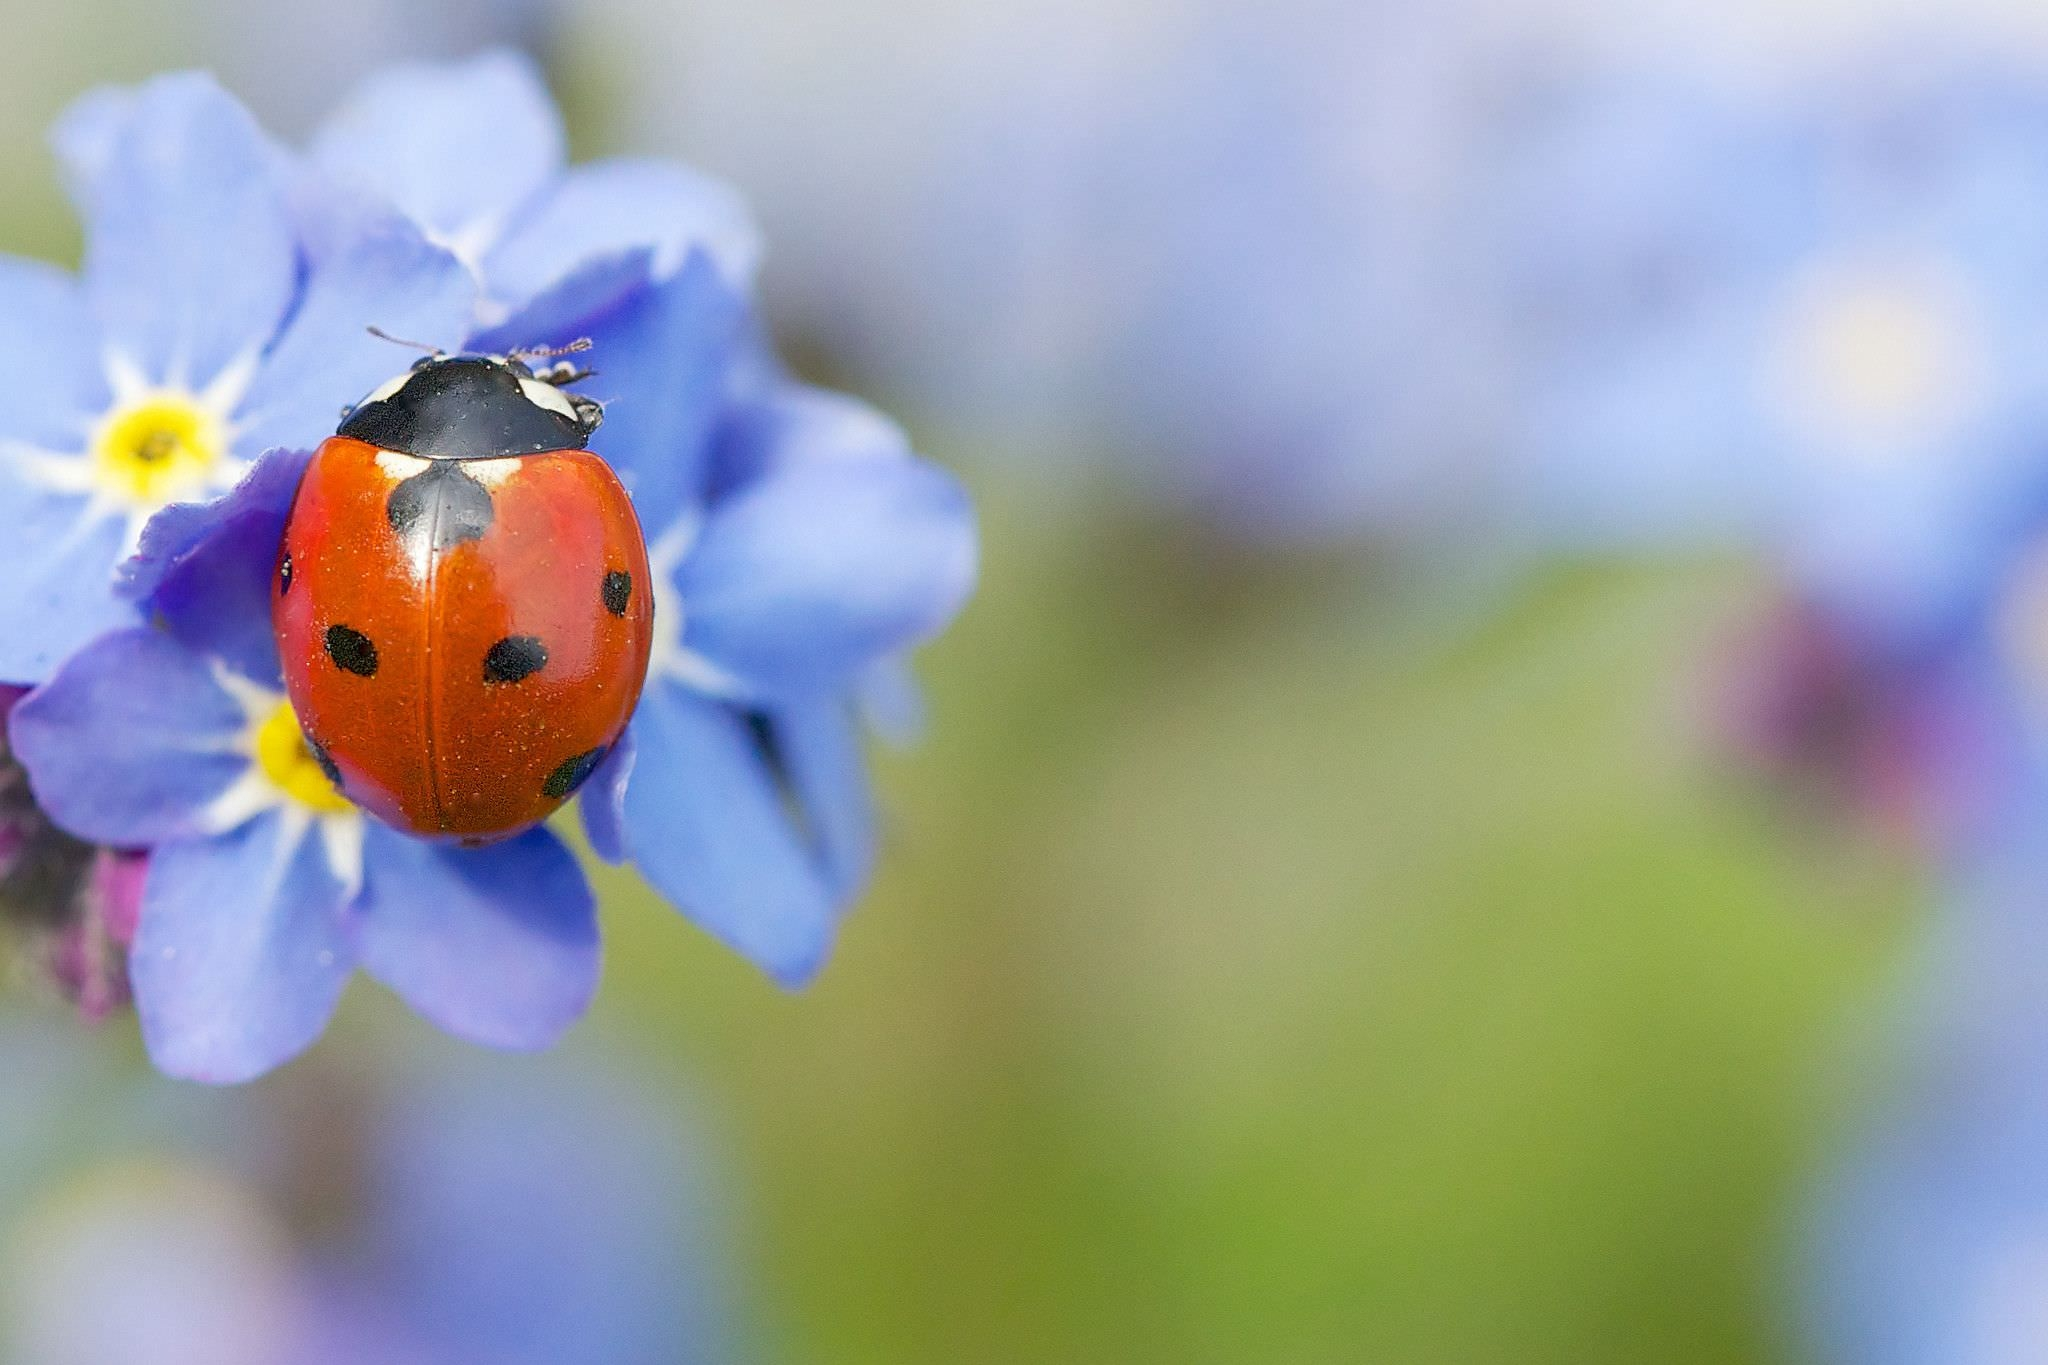 Ladybug Wallpaper For Download